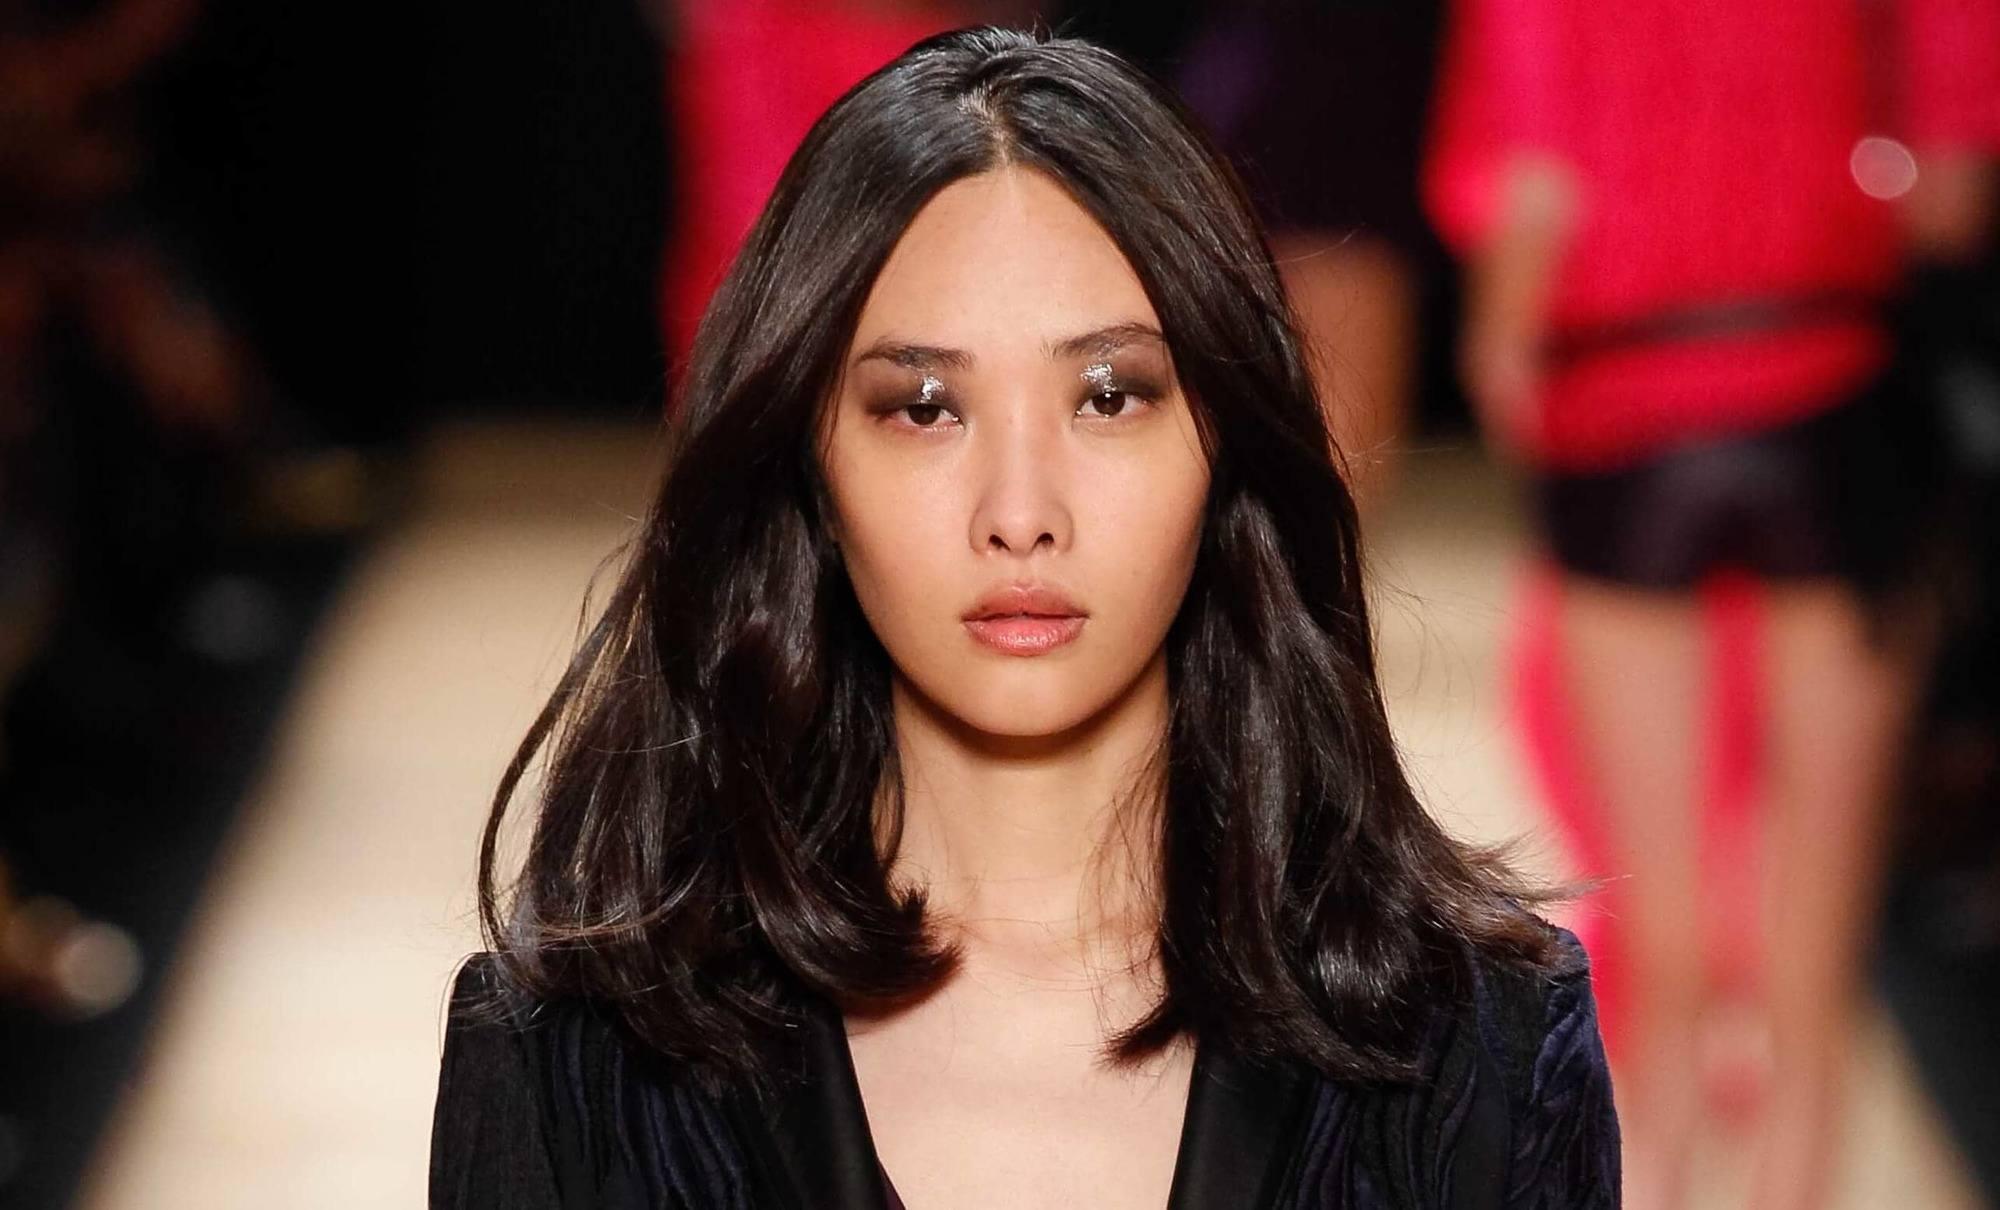 Coupes de cheveux pour cheveux épais : Modèle asiatique sur la piste avec des cheveux épais foncés à la longueur des épaules